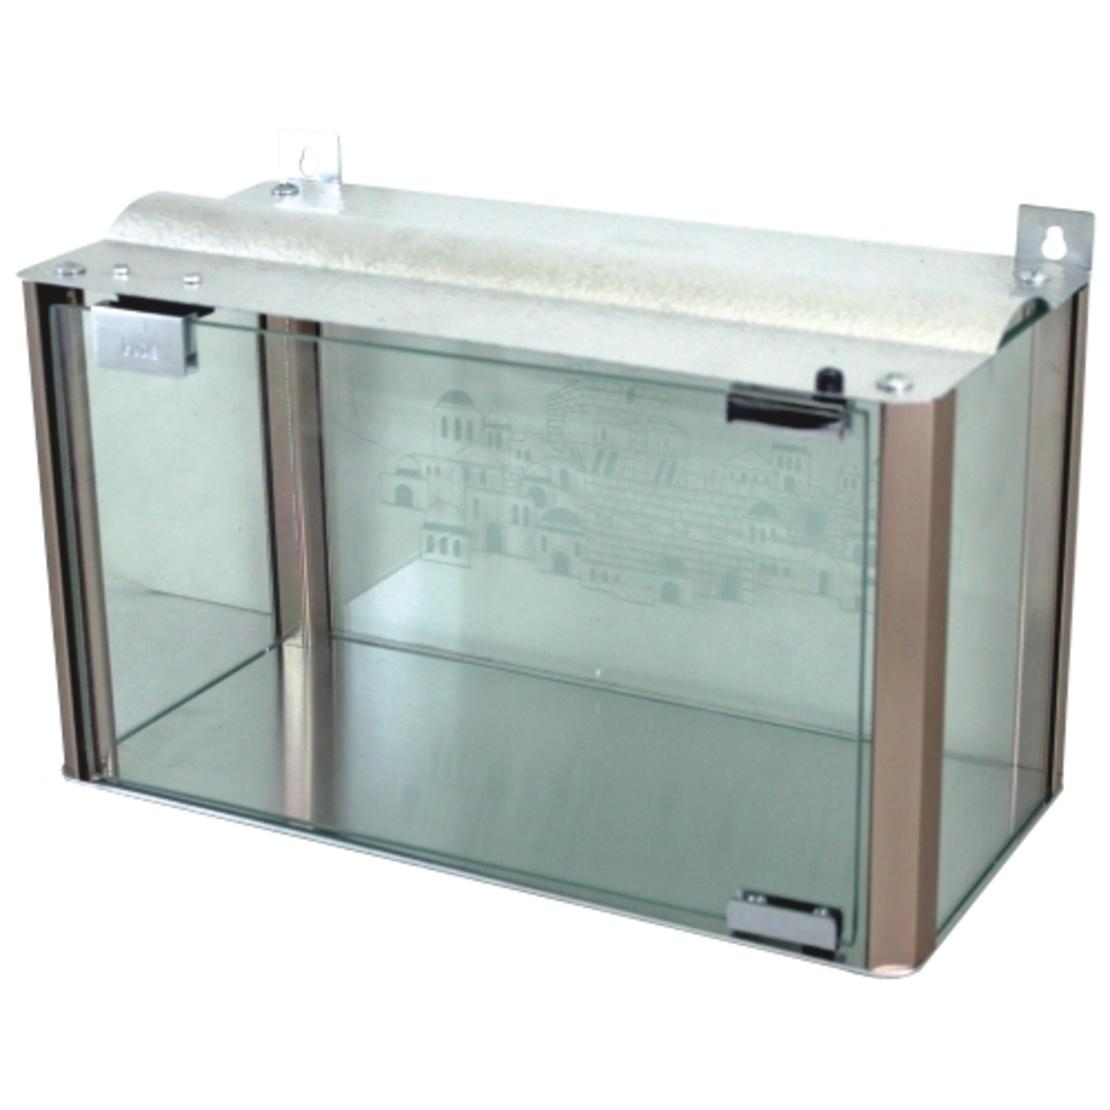 בית חנוכייה מהודר מאלומיניום וזכוכית - פרופילים בגוון נחושת 20X45X18 ס'מ